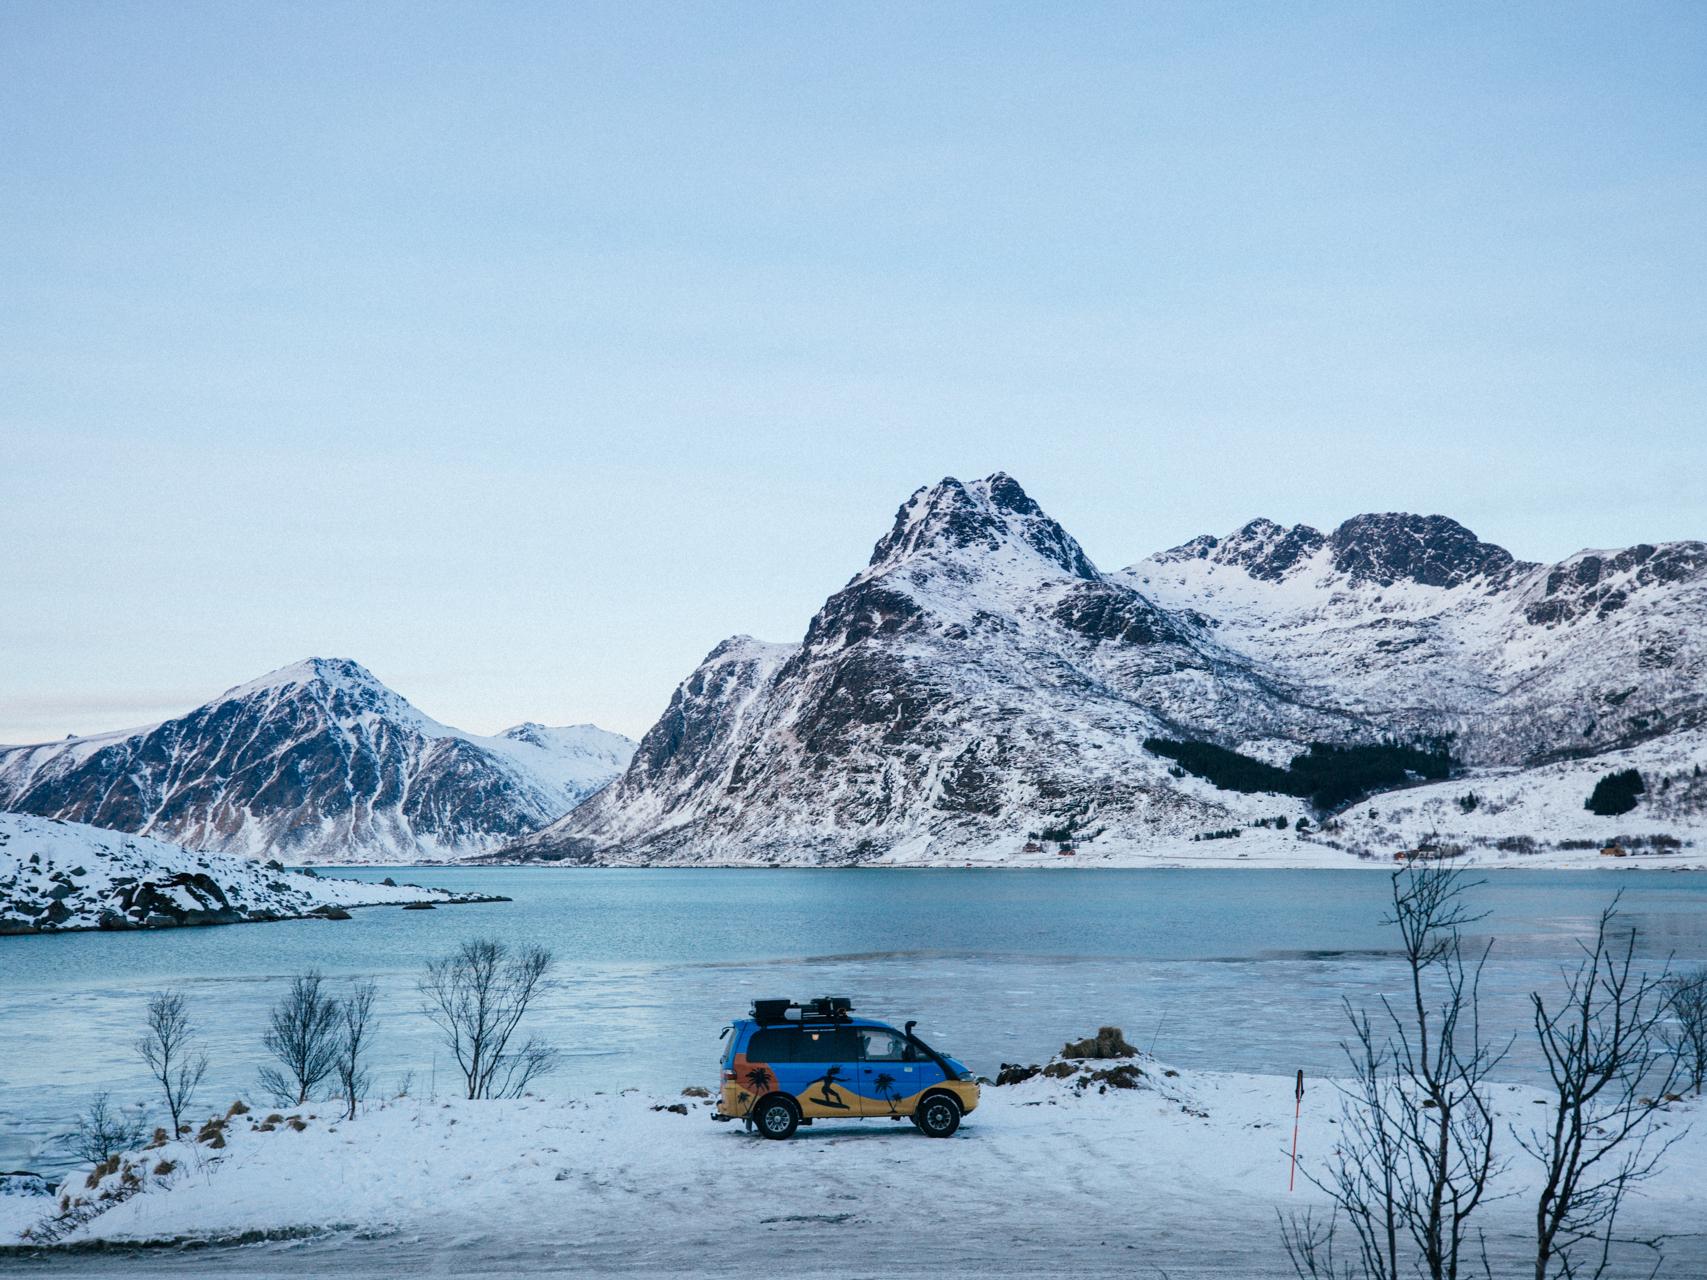 Idealne miejsce do obserwacji zorzy - z dala od miast, otwarta przestrzeń i fotogeniczna sceneria. No i można wjechać autem.